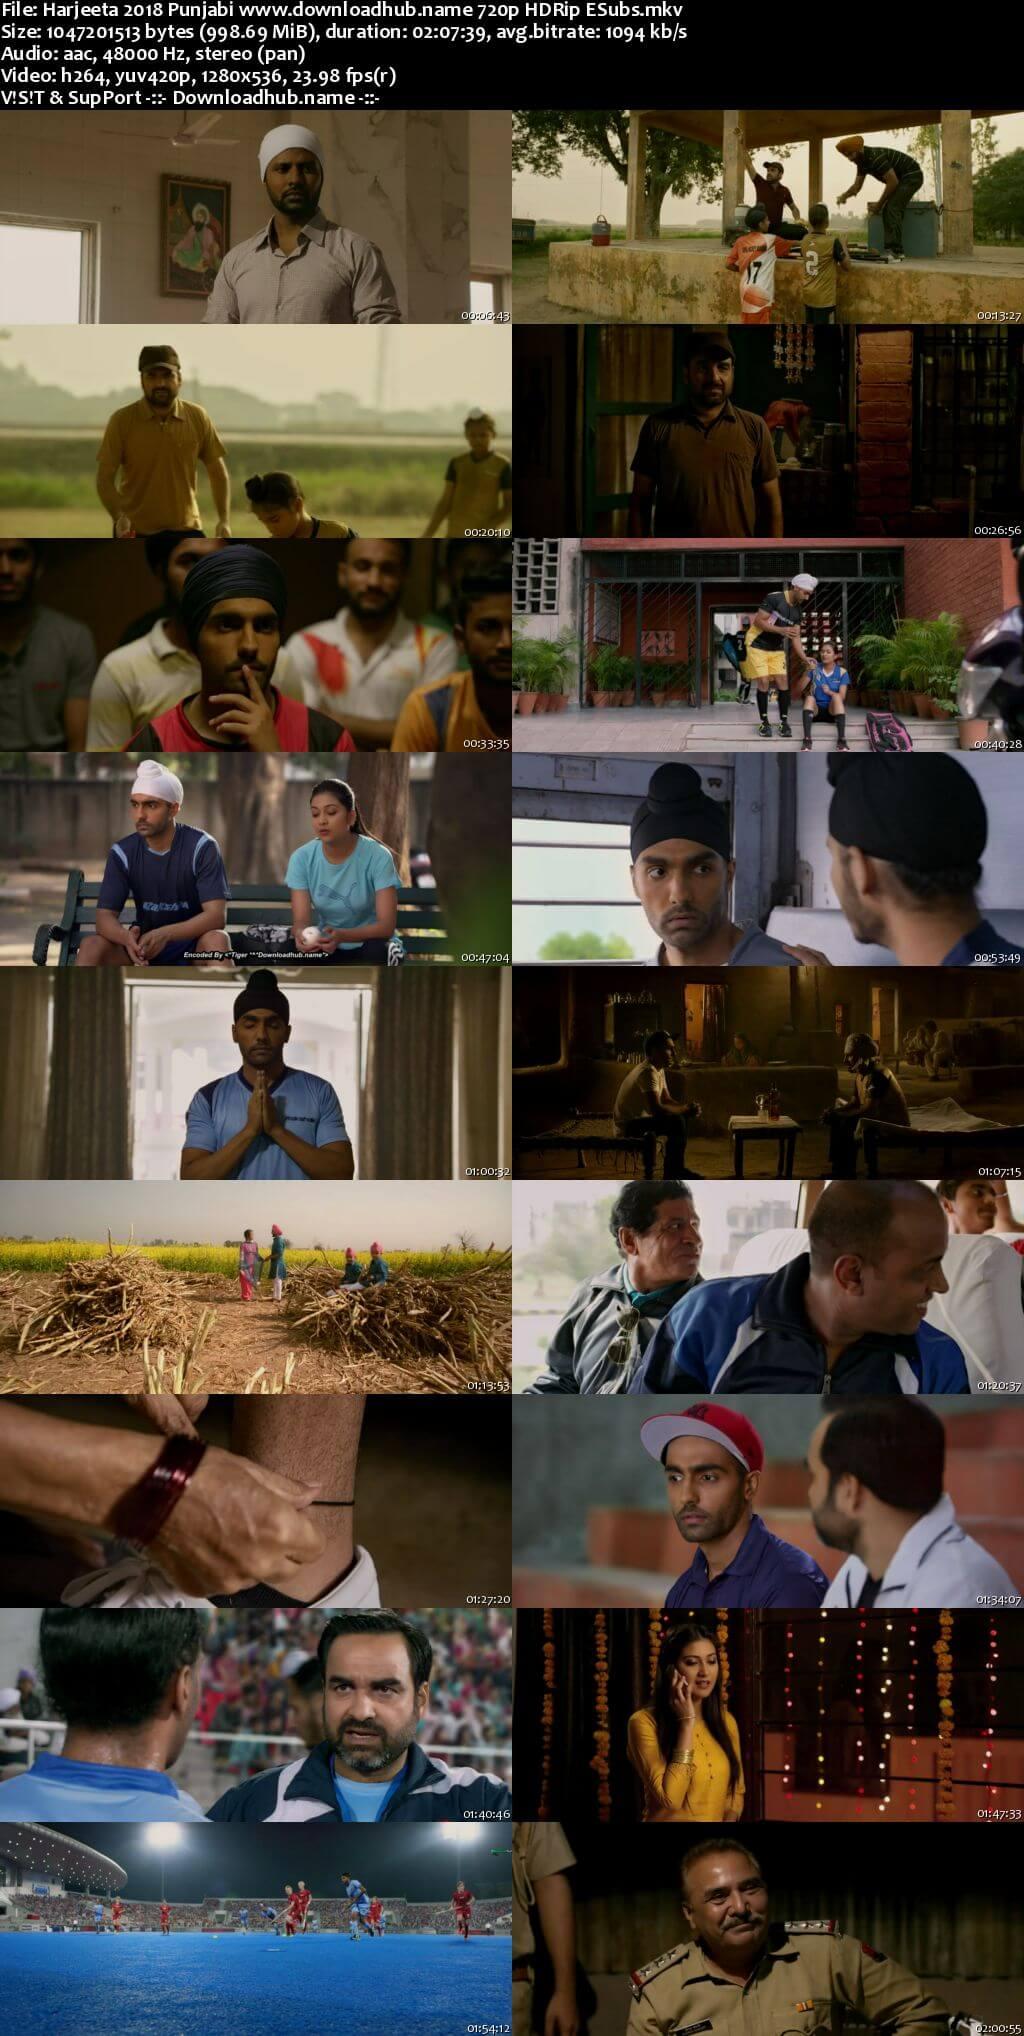 Harjeeta 2018 Punjabi 720p HDRip ESubs